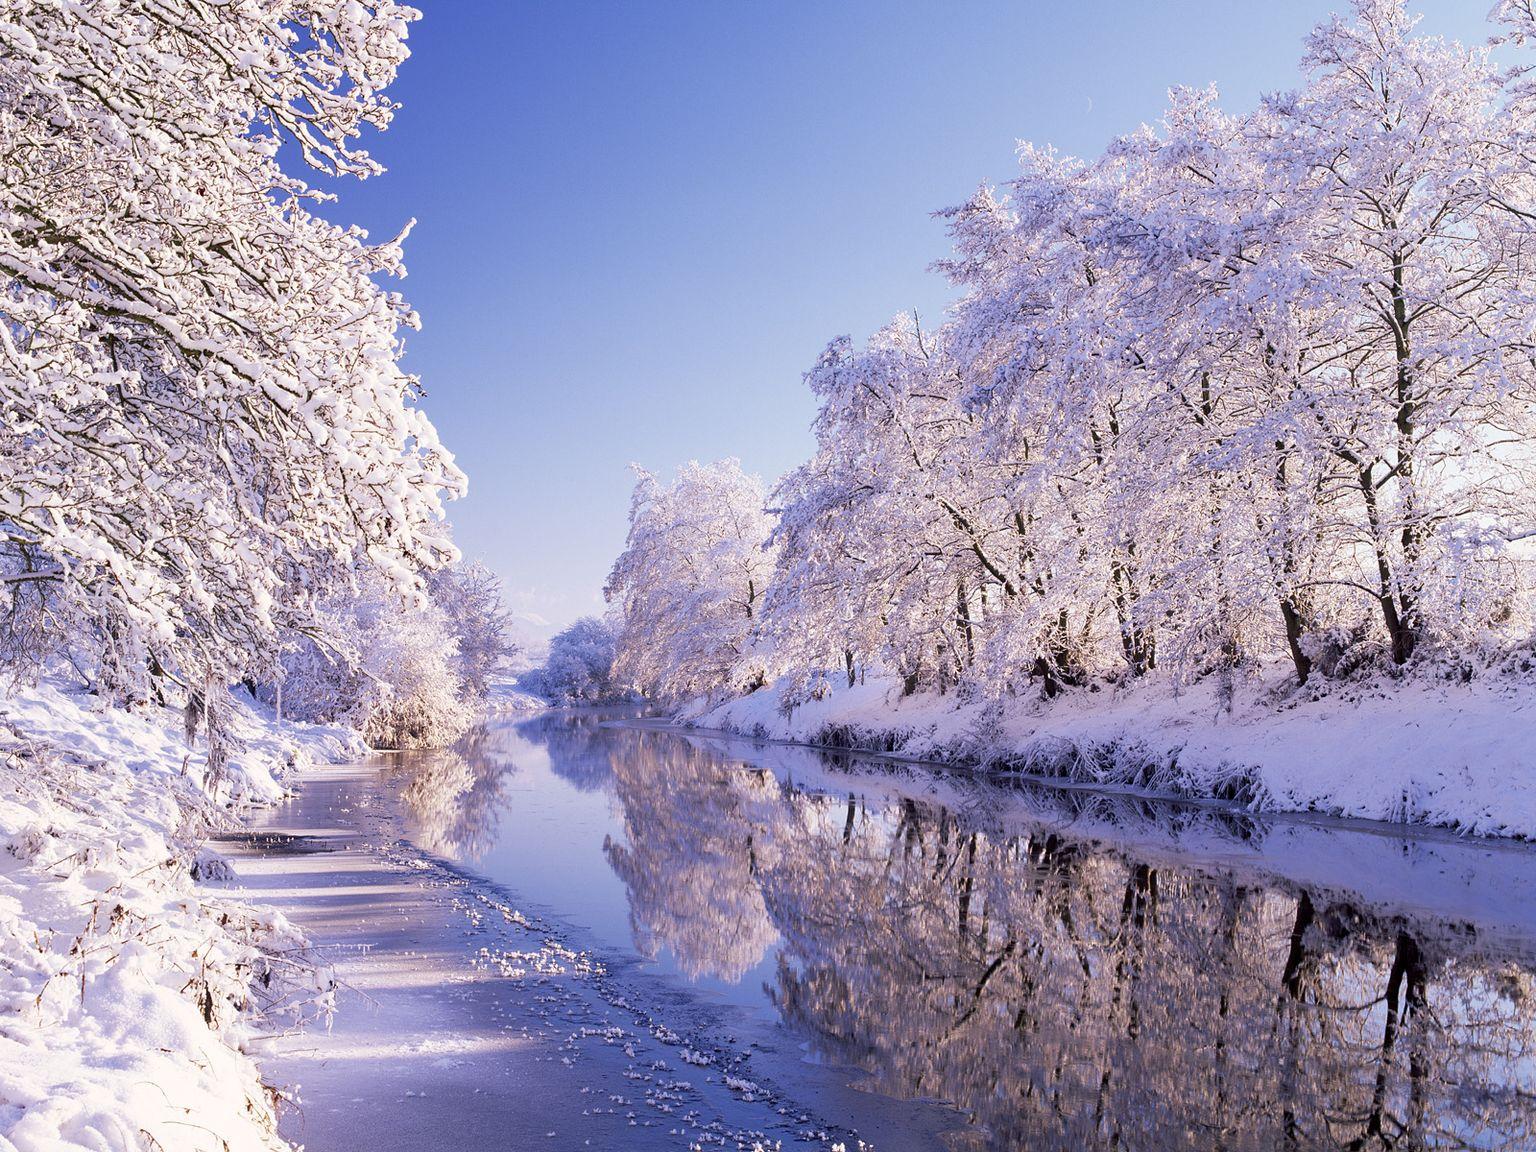 фотографии о красоте зимы празднования